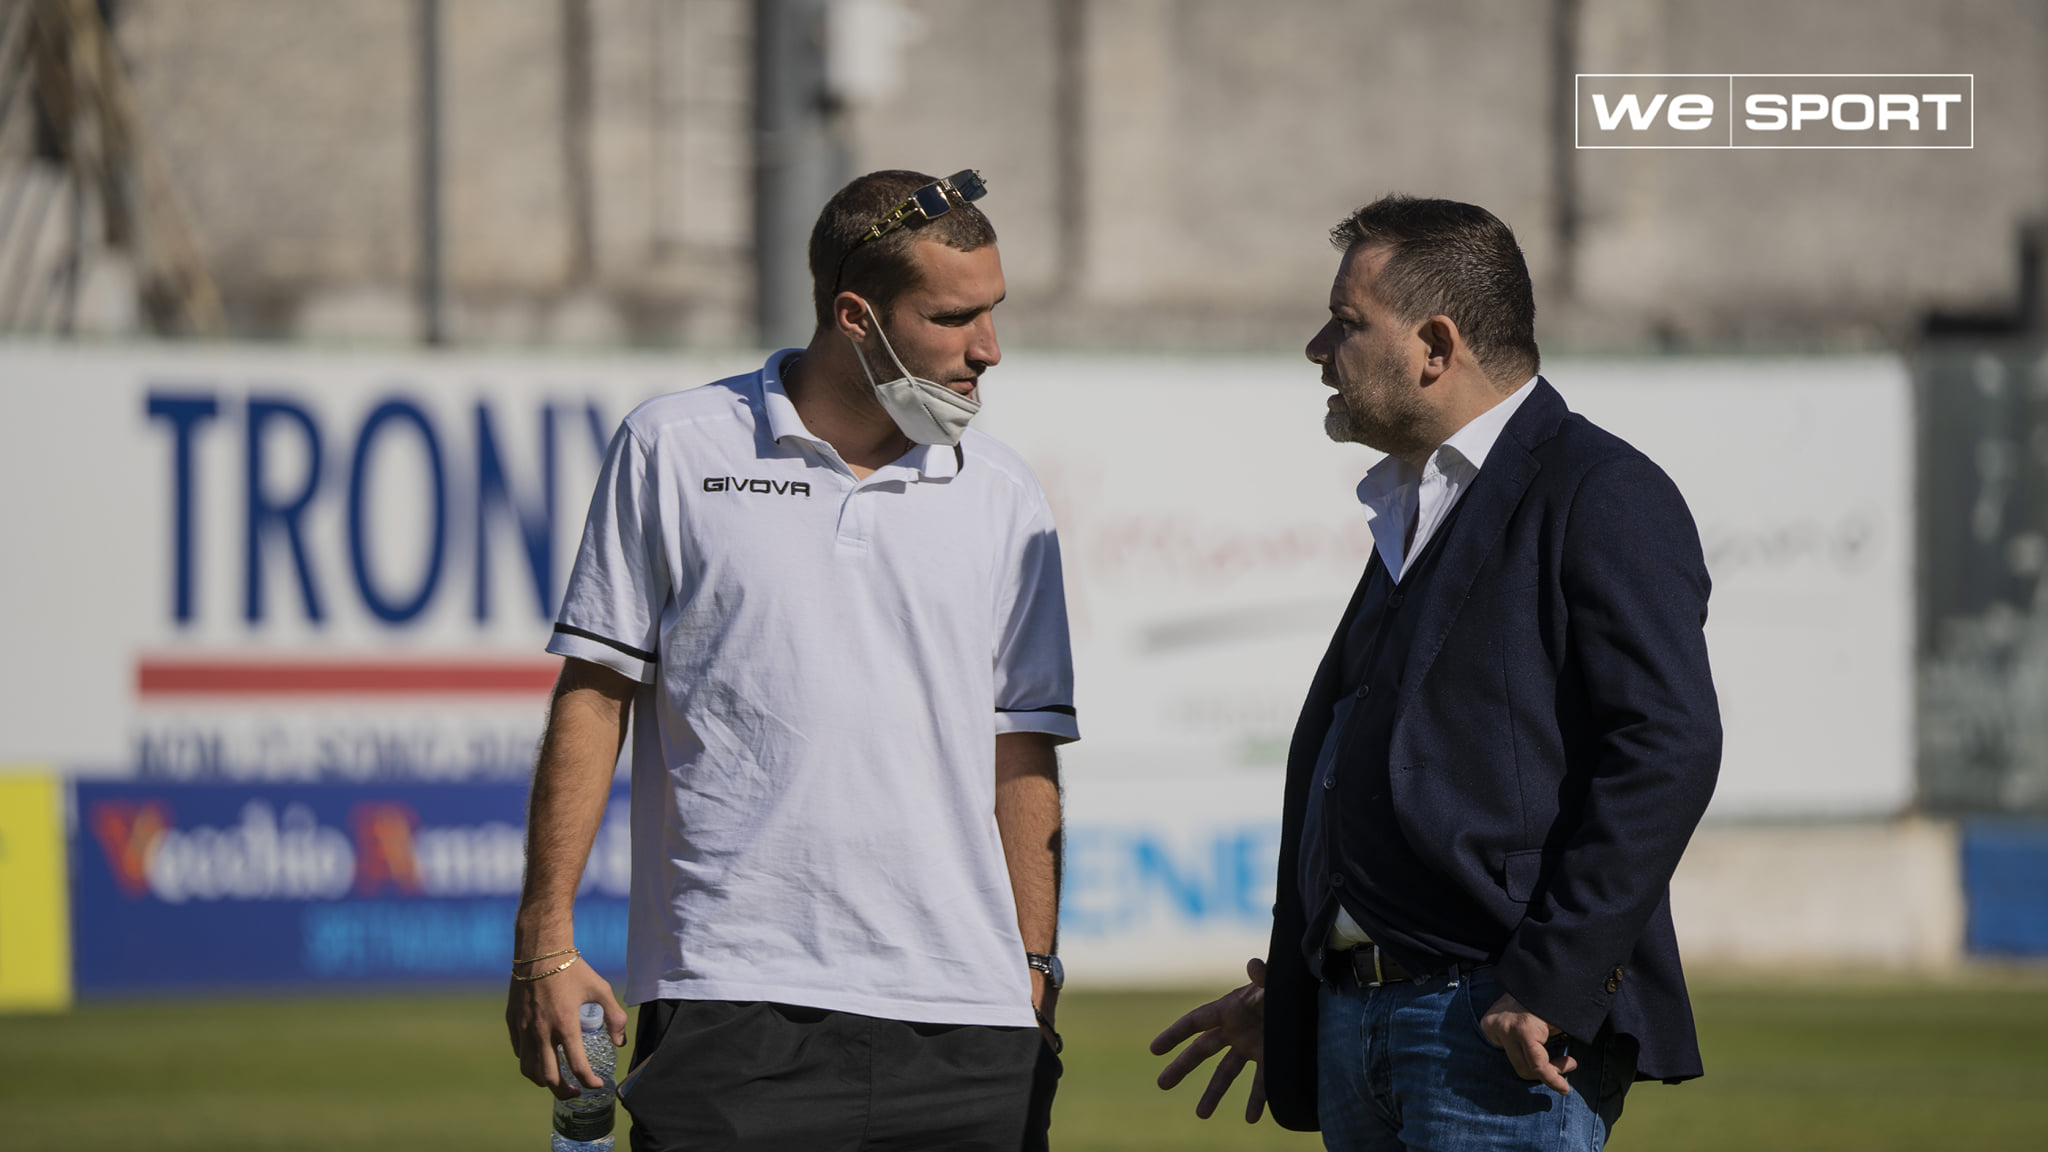 Serie C, 3^ giornata: Messina, Palermo e Catania di scena in trasferta